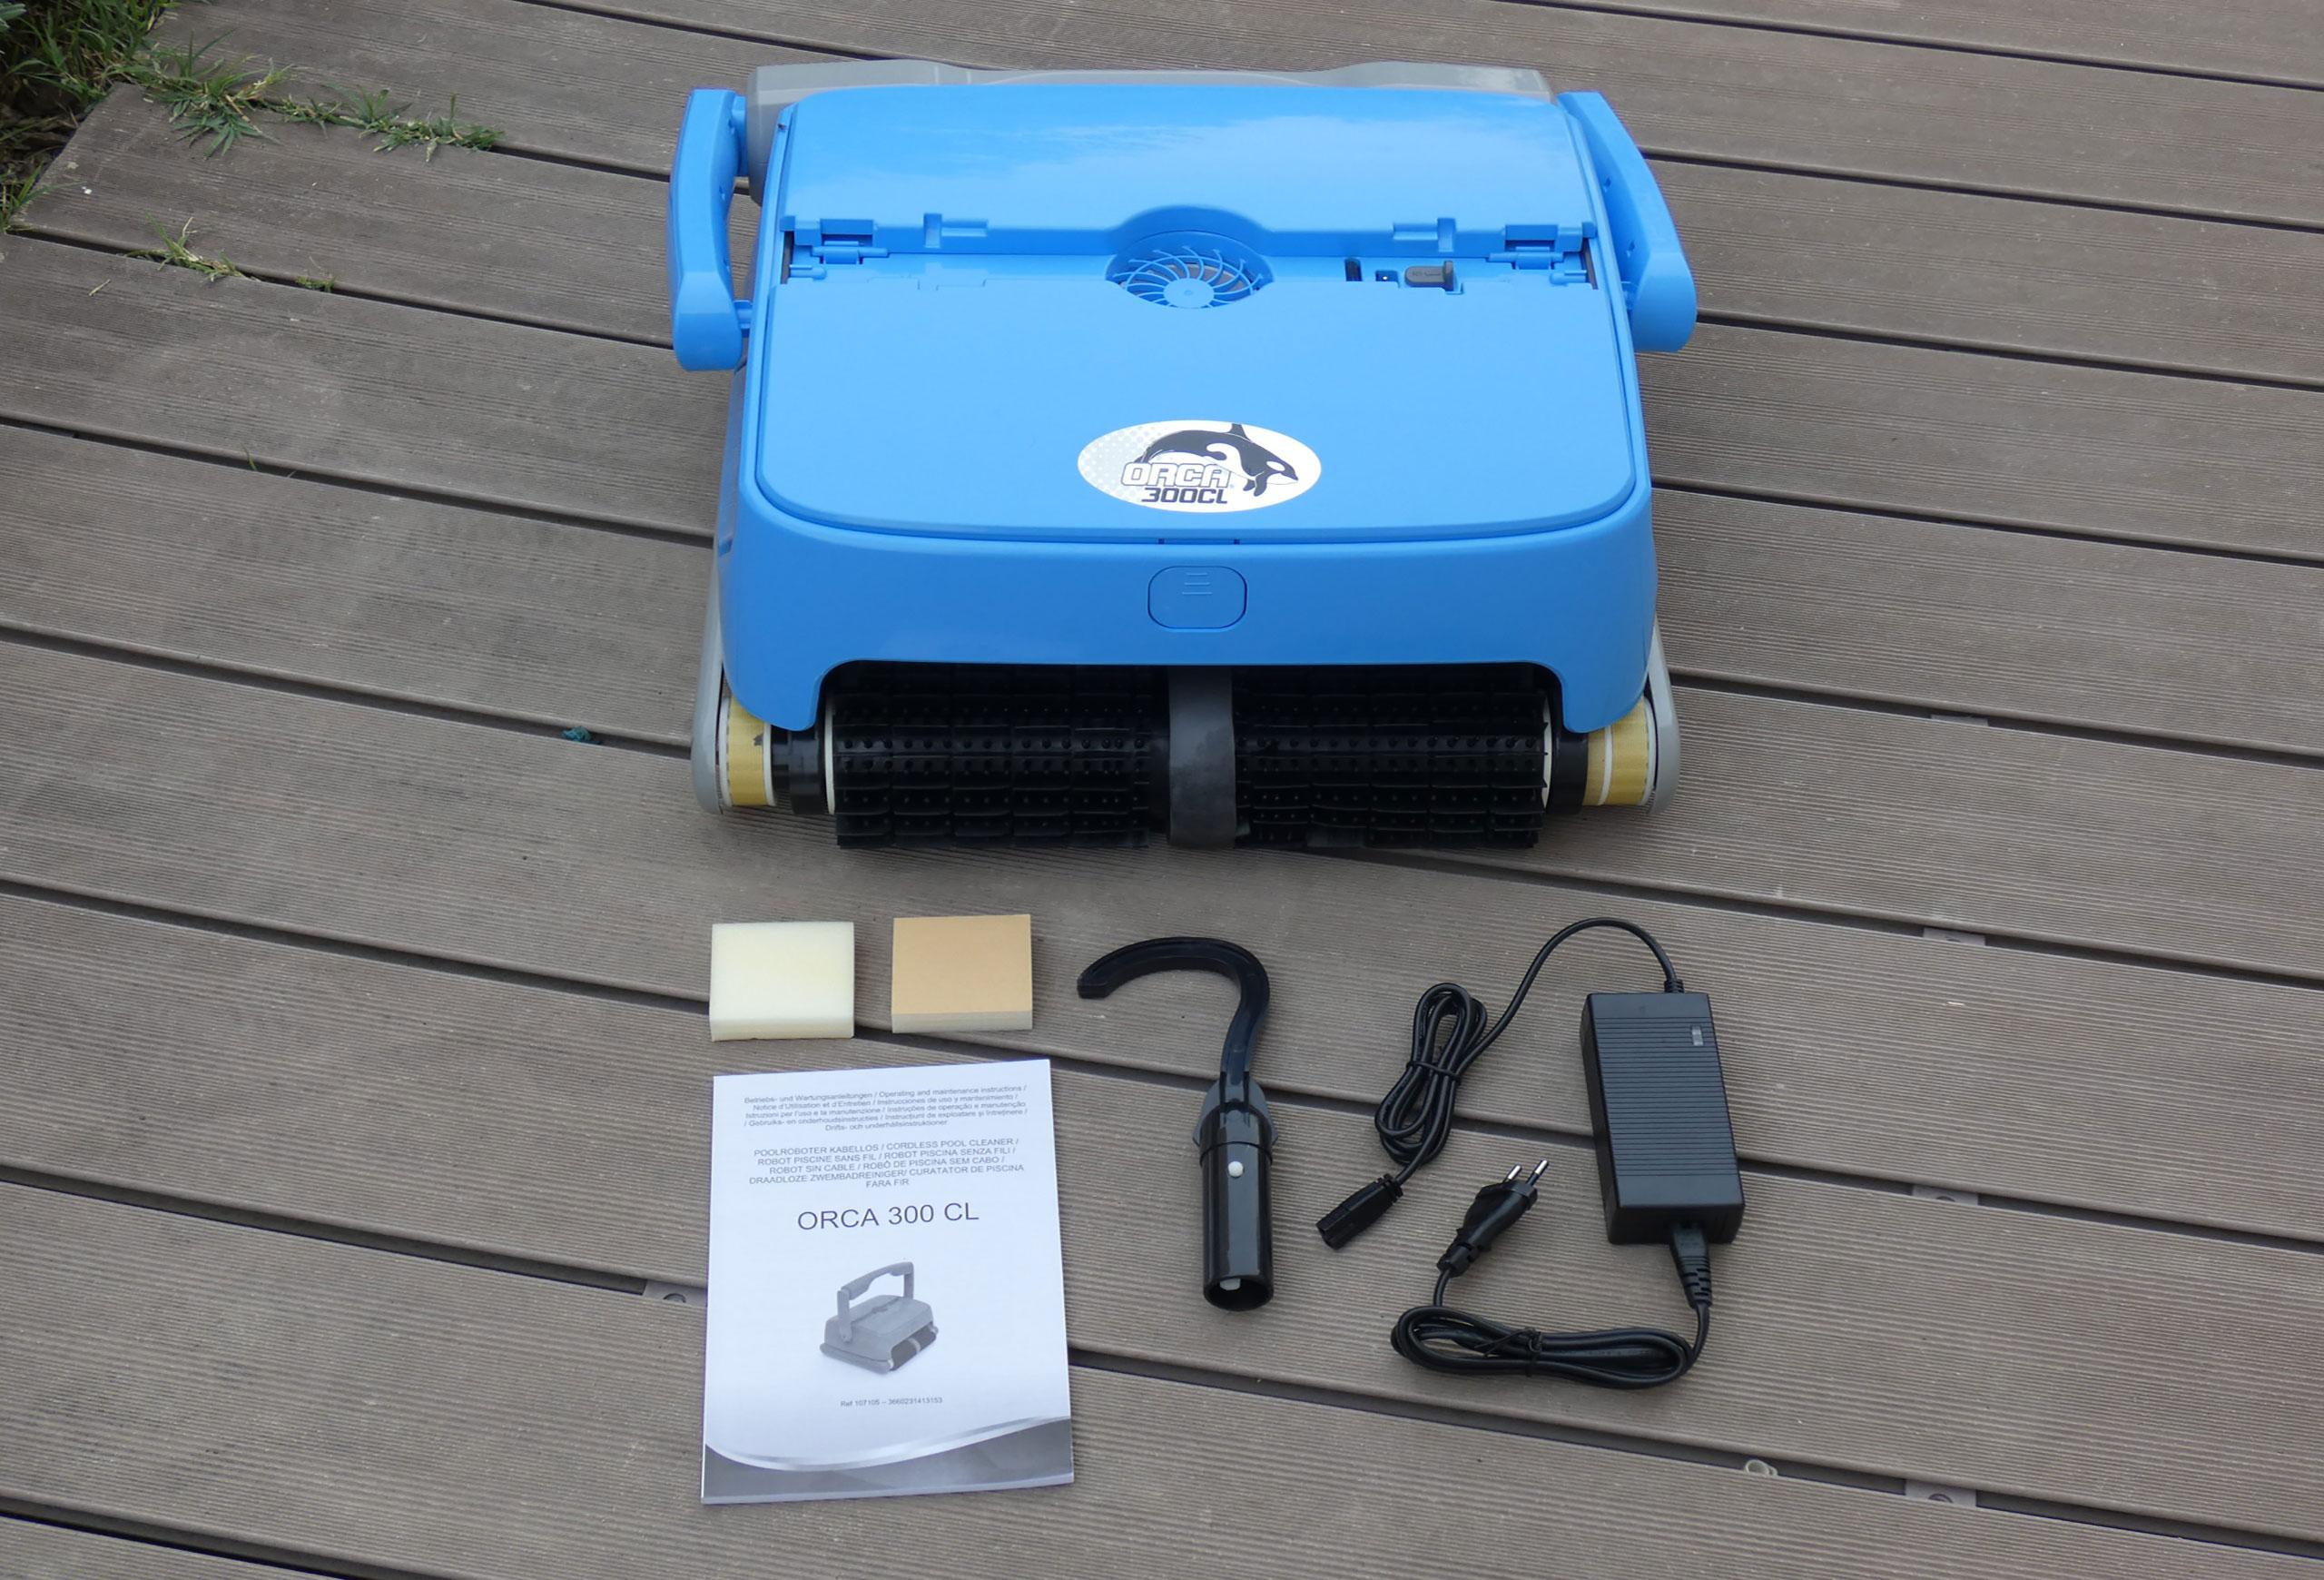 Robot sans fil orca 300 cl et équipement